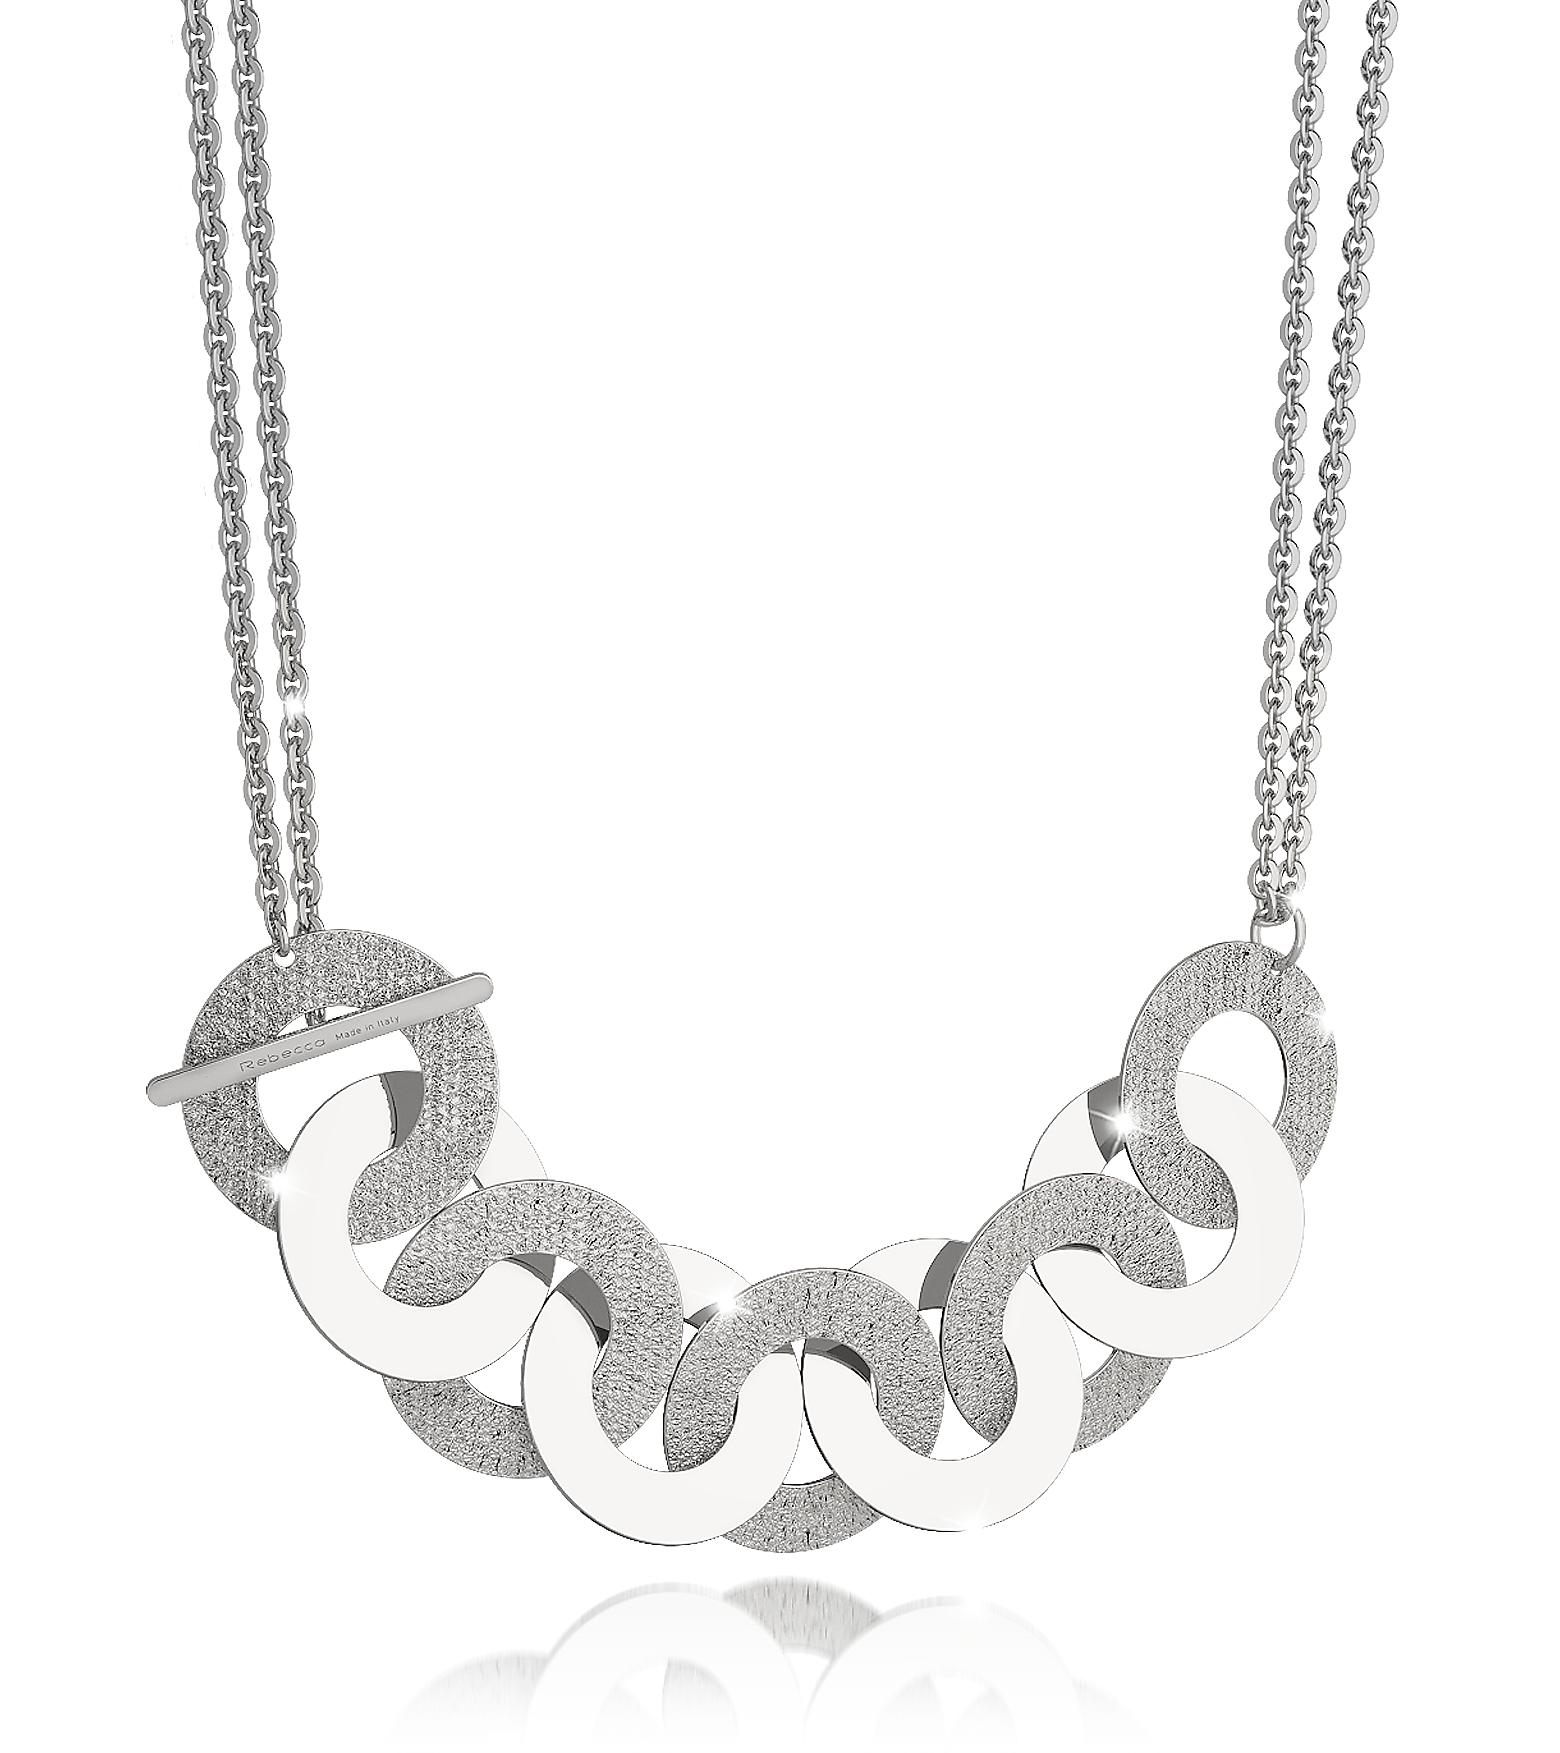 R-Zero Rhodium Over Bronze and Steel Maxi Chain Necklace